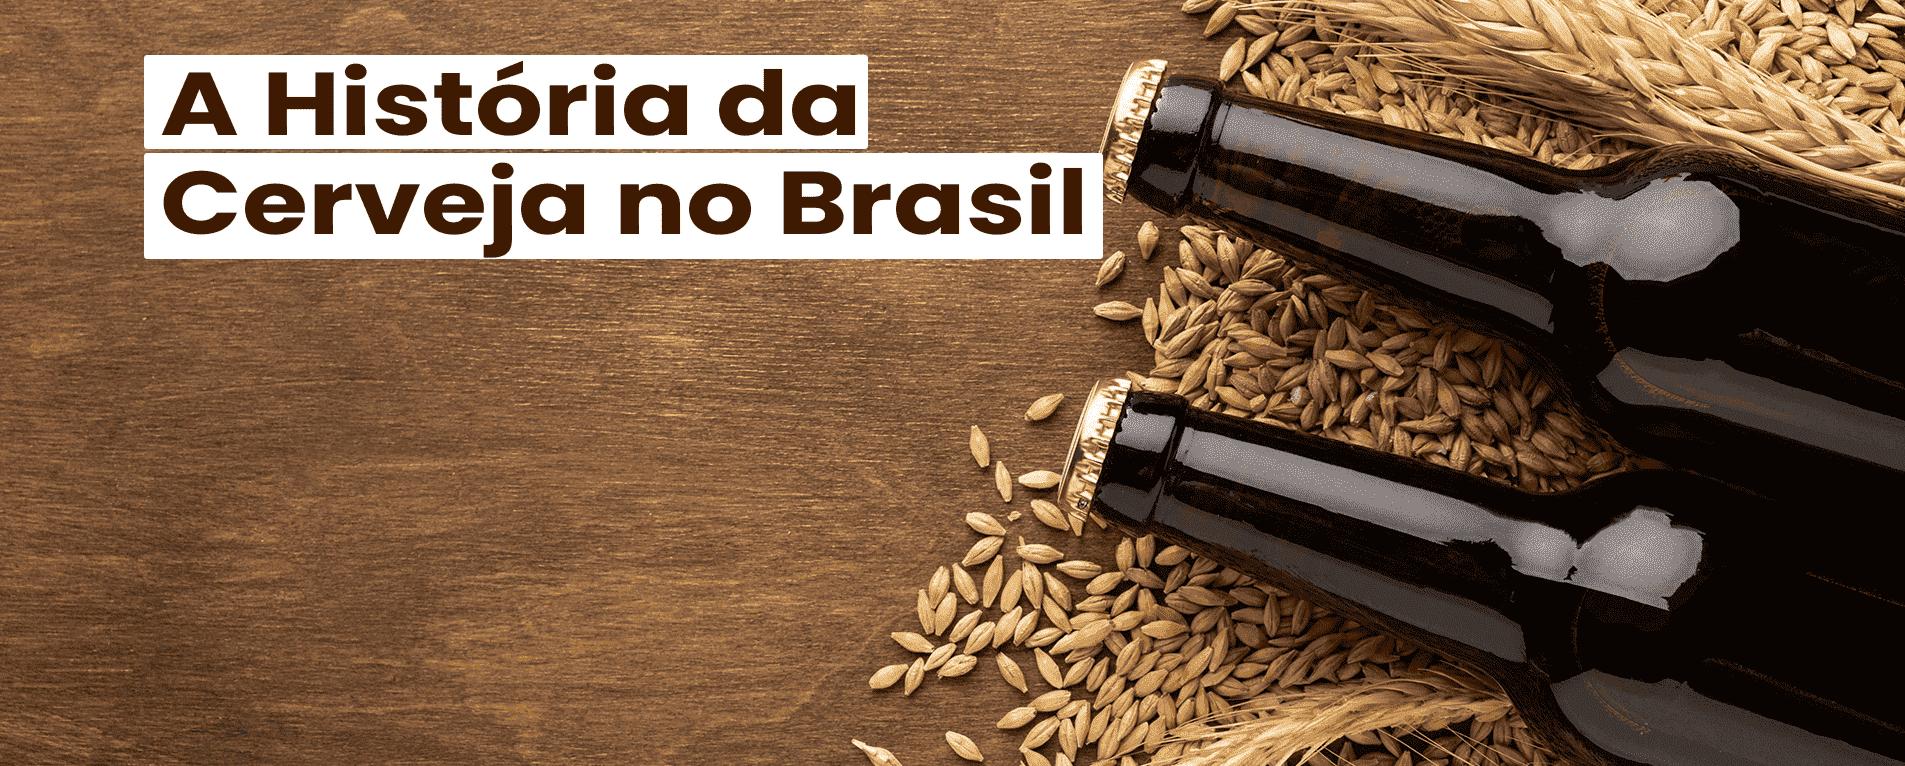 7 Fatos e Curiosidades Sobre a História da Cerveja no Brasil